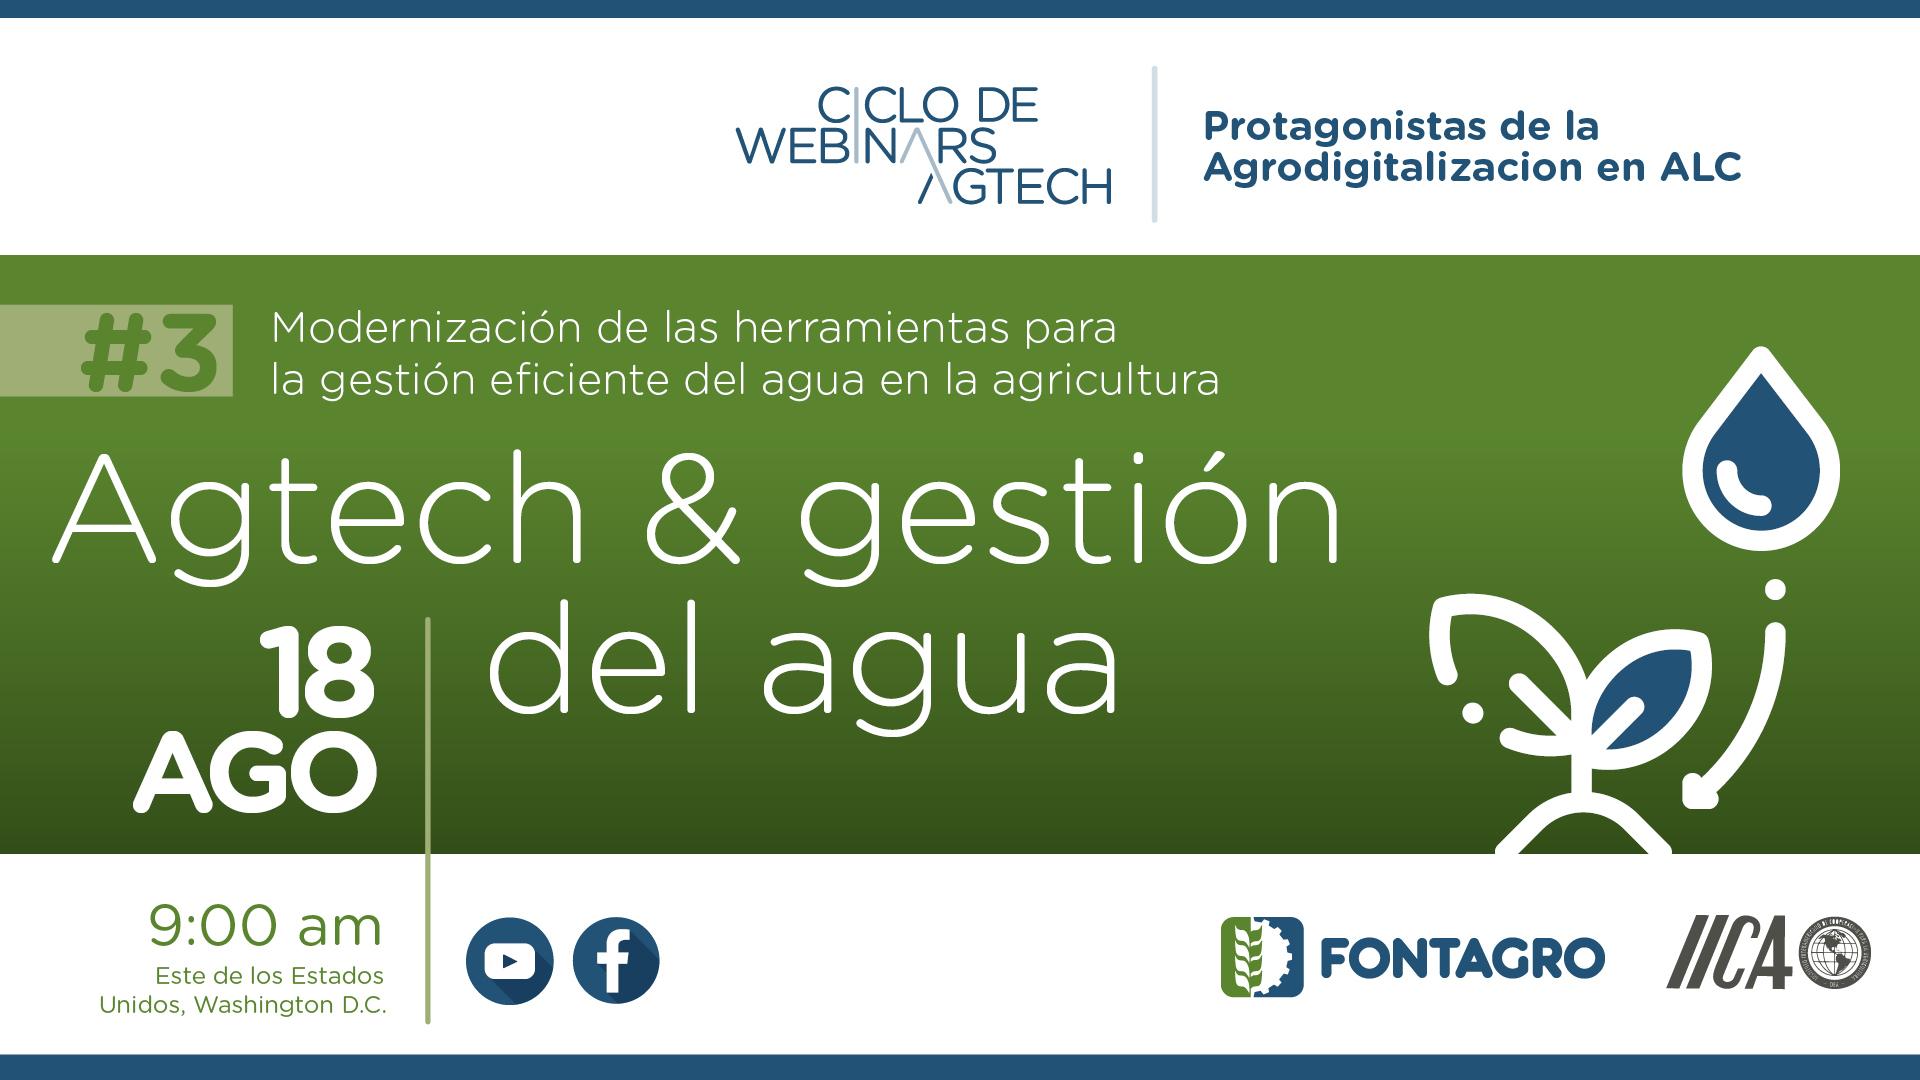 Webinar FONTAGRO – IICA:  Instituciones iberoamericanas presentaron herramientas tecnológicas para abordar desafíos del cambio climático en eficiencia hídrica